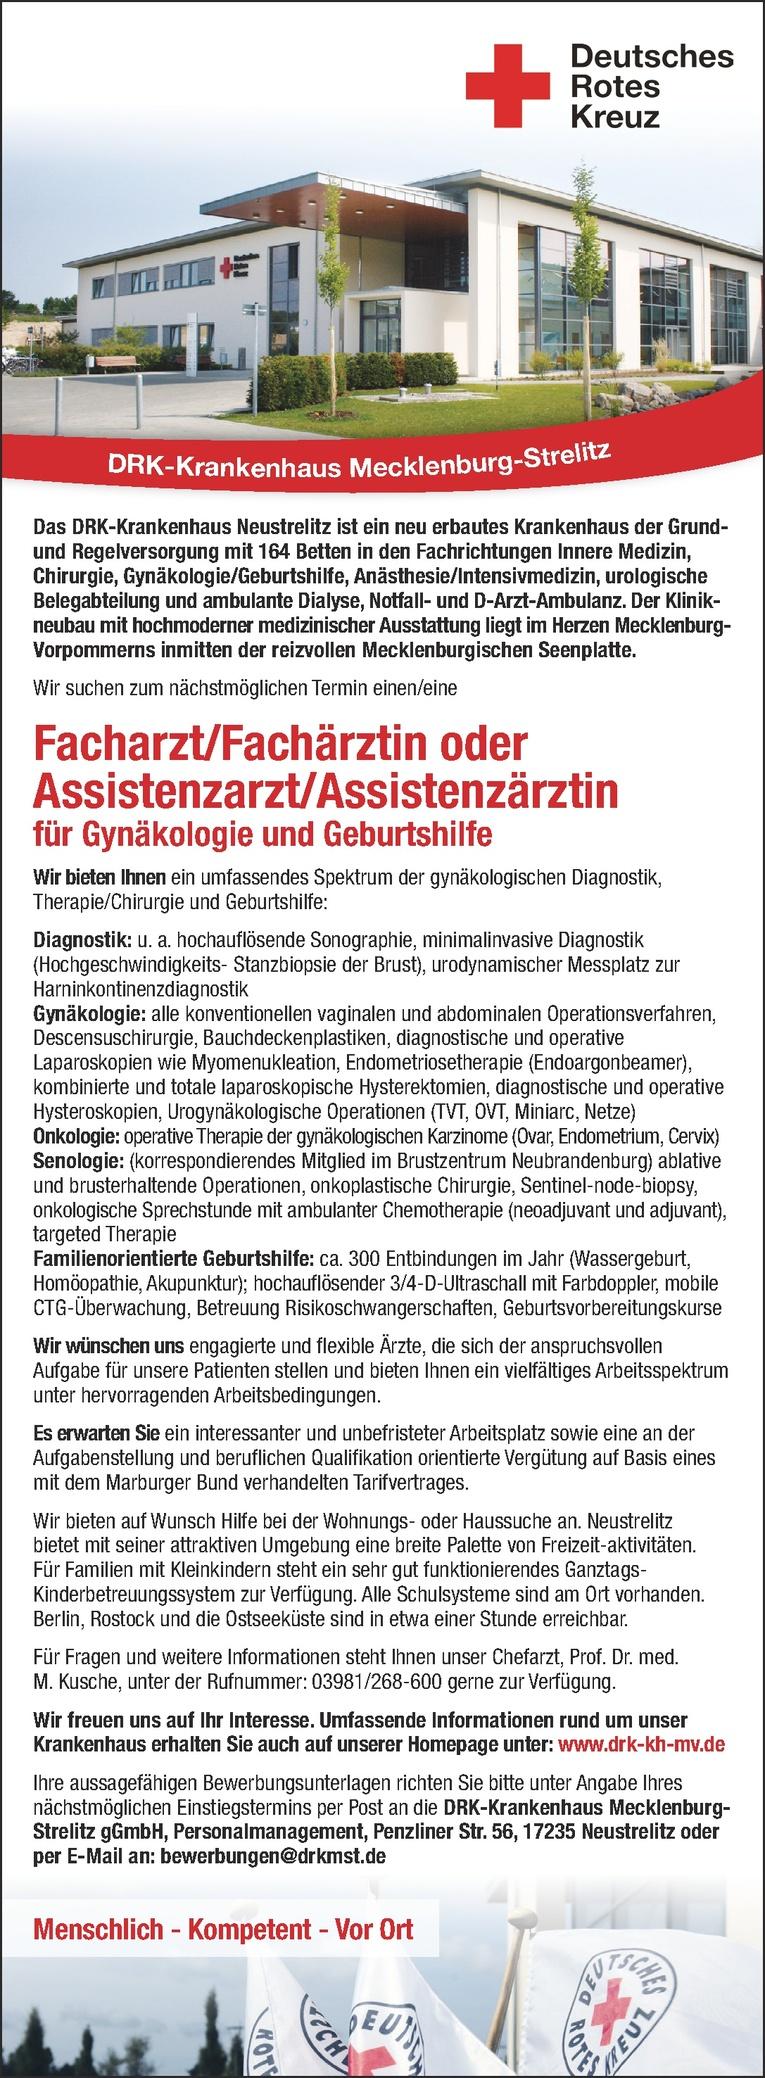 Facharzt/Fachärztin oder Assistenzarzt/Assistenzärztin für Gynäkologie und Geburtshilfe